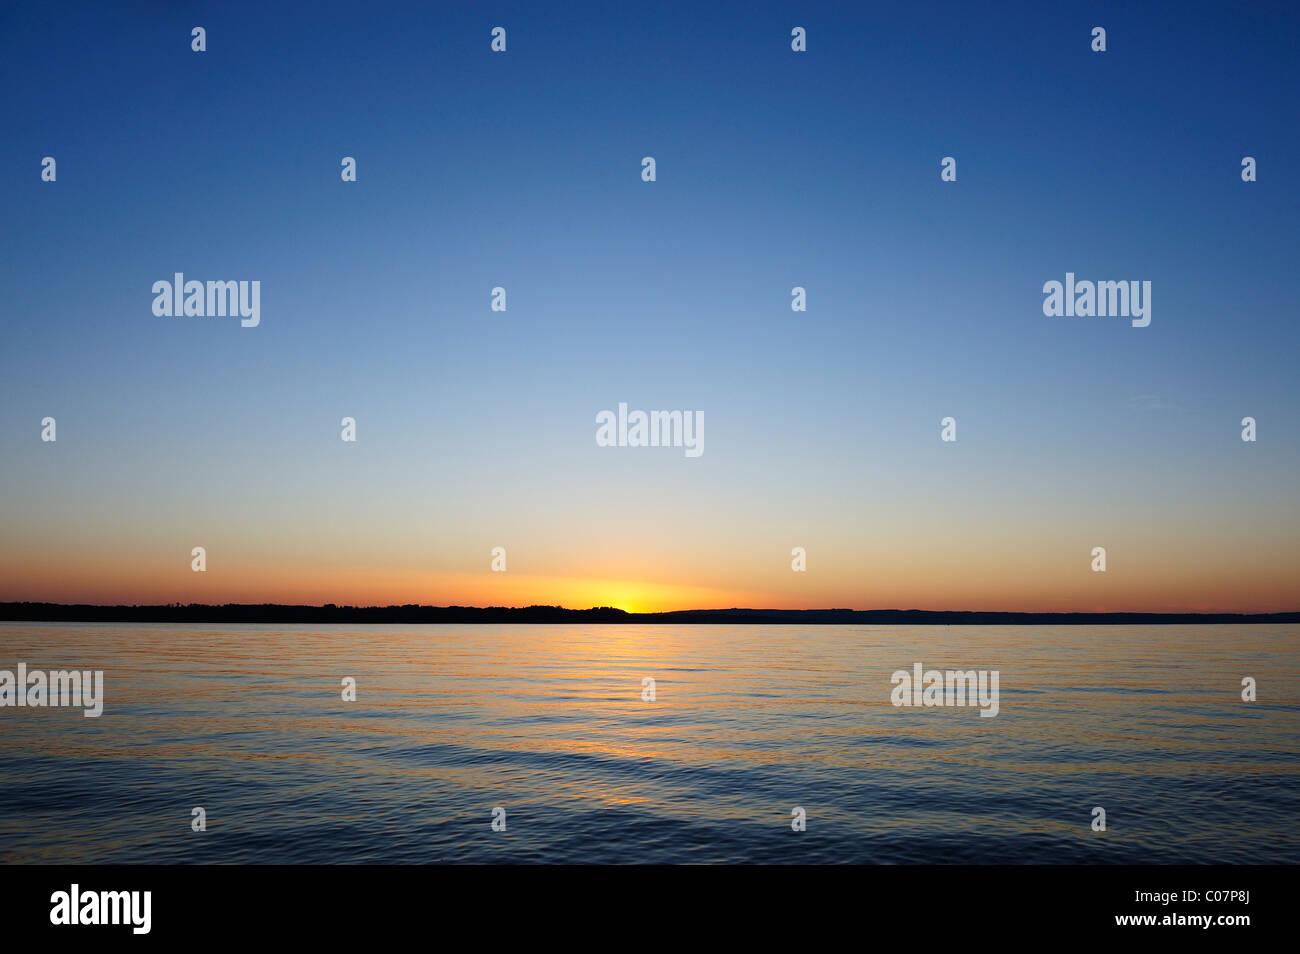 Sonnenuntergang am Starnberger See oder den Starnberger See in ...